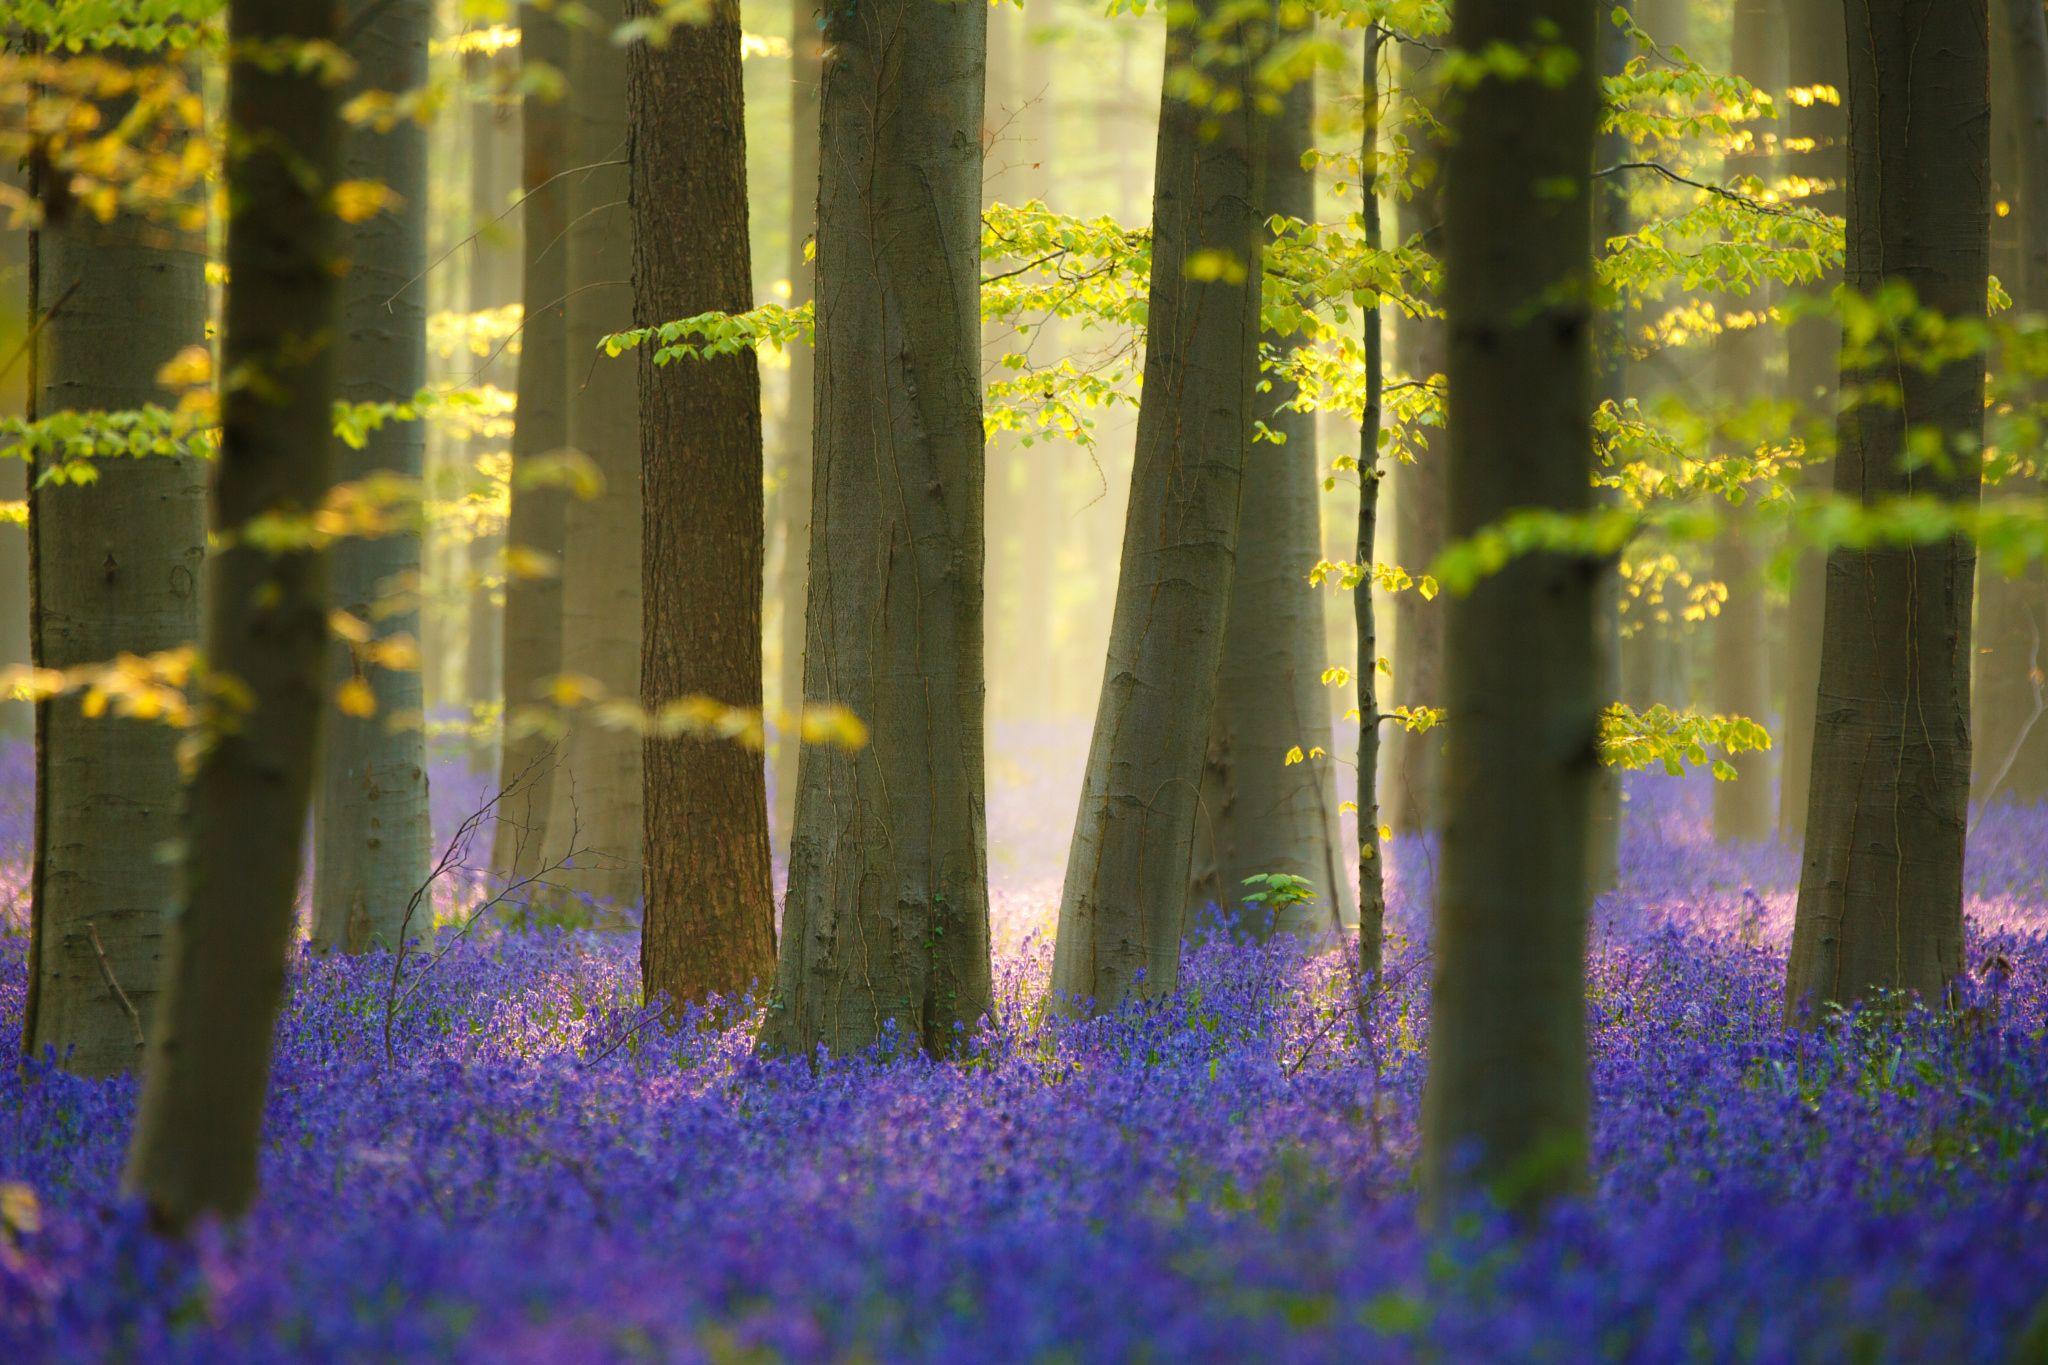 500px에서 활동 중인 Michael Lauer님의 사진 Magic Forest